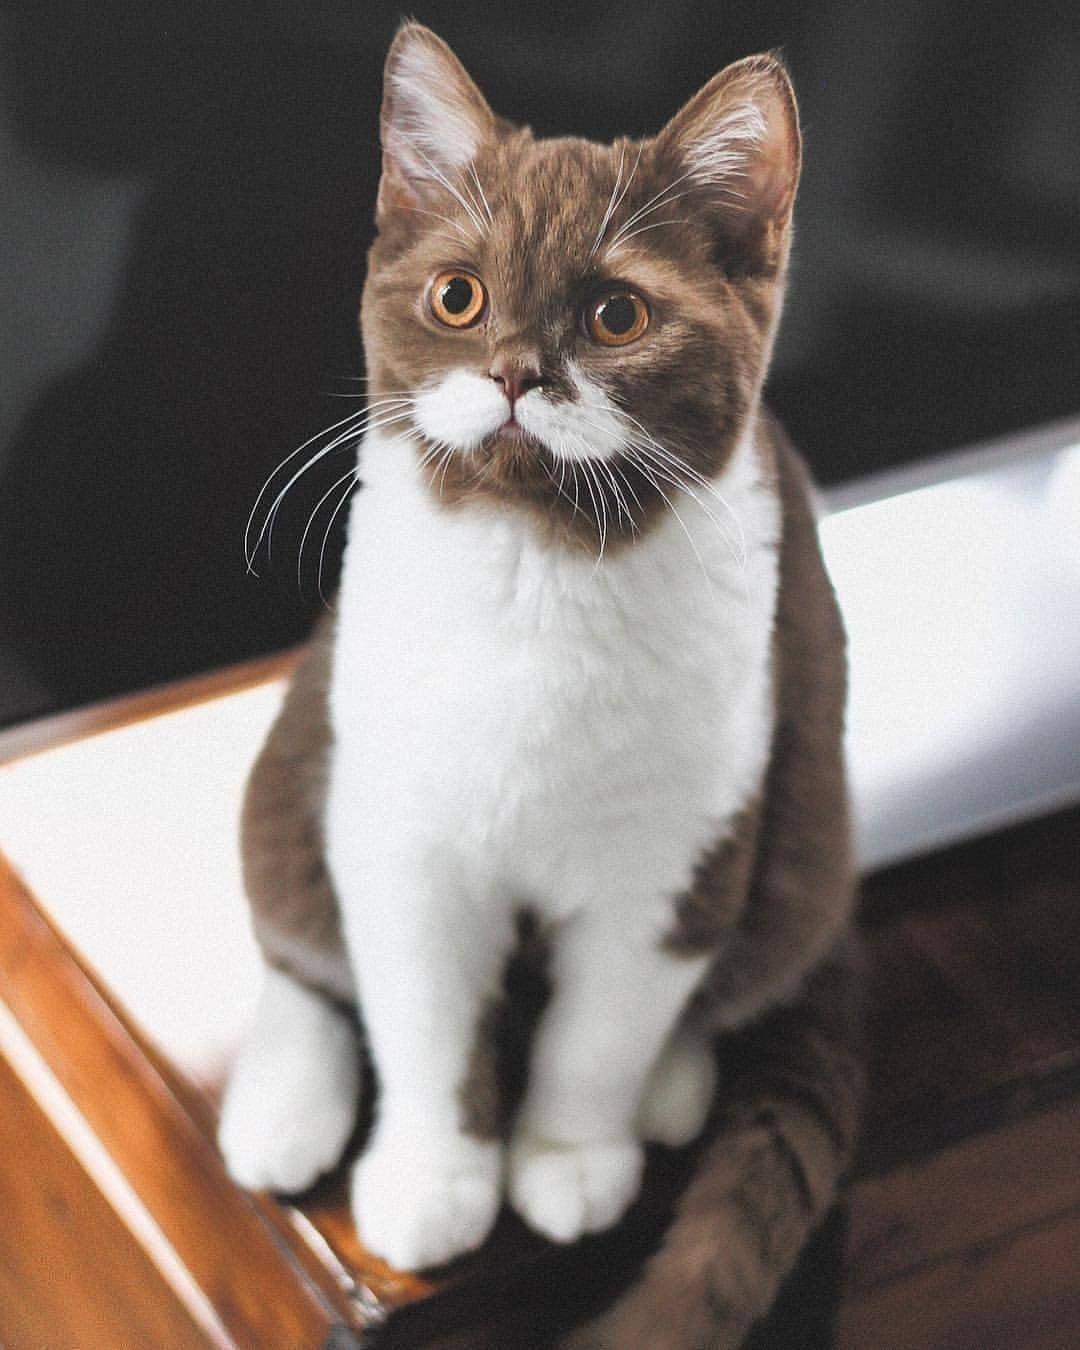 Zu Schwer Cat Katze Dog Hund Cat Dog Hund Katze Oily Schwer Zu Hunde Susse Tiere Hund Und Katze